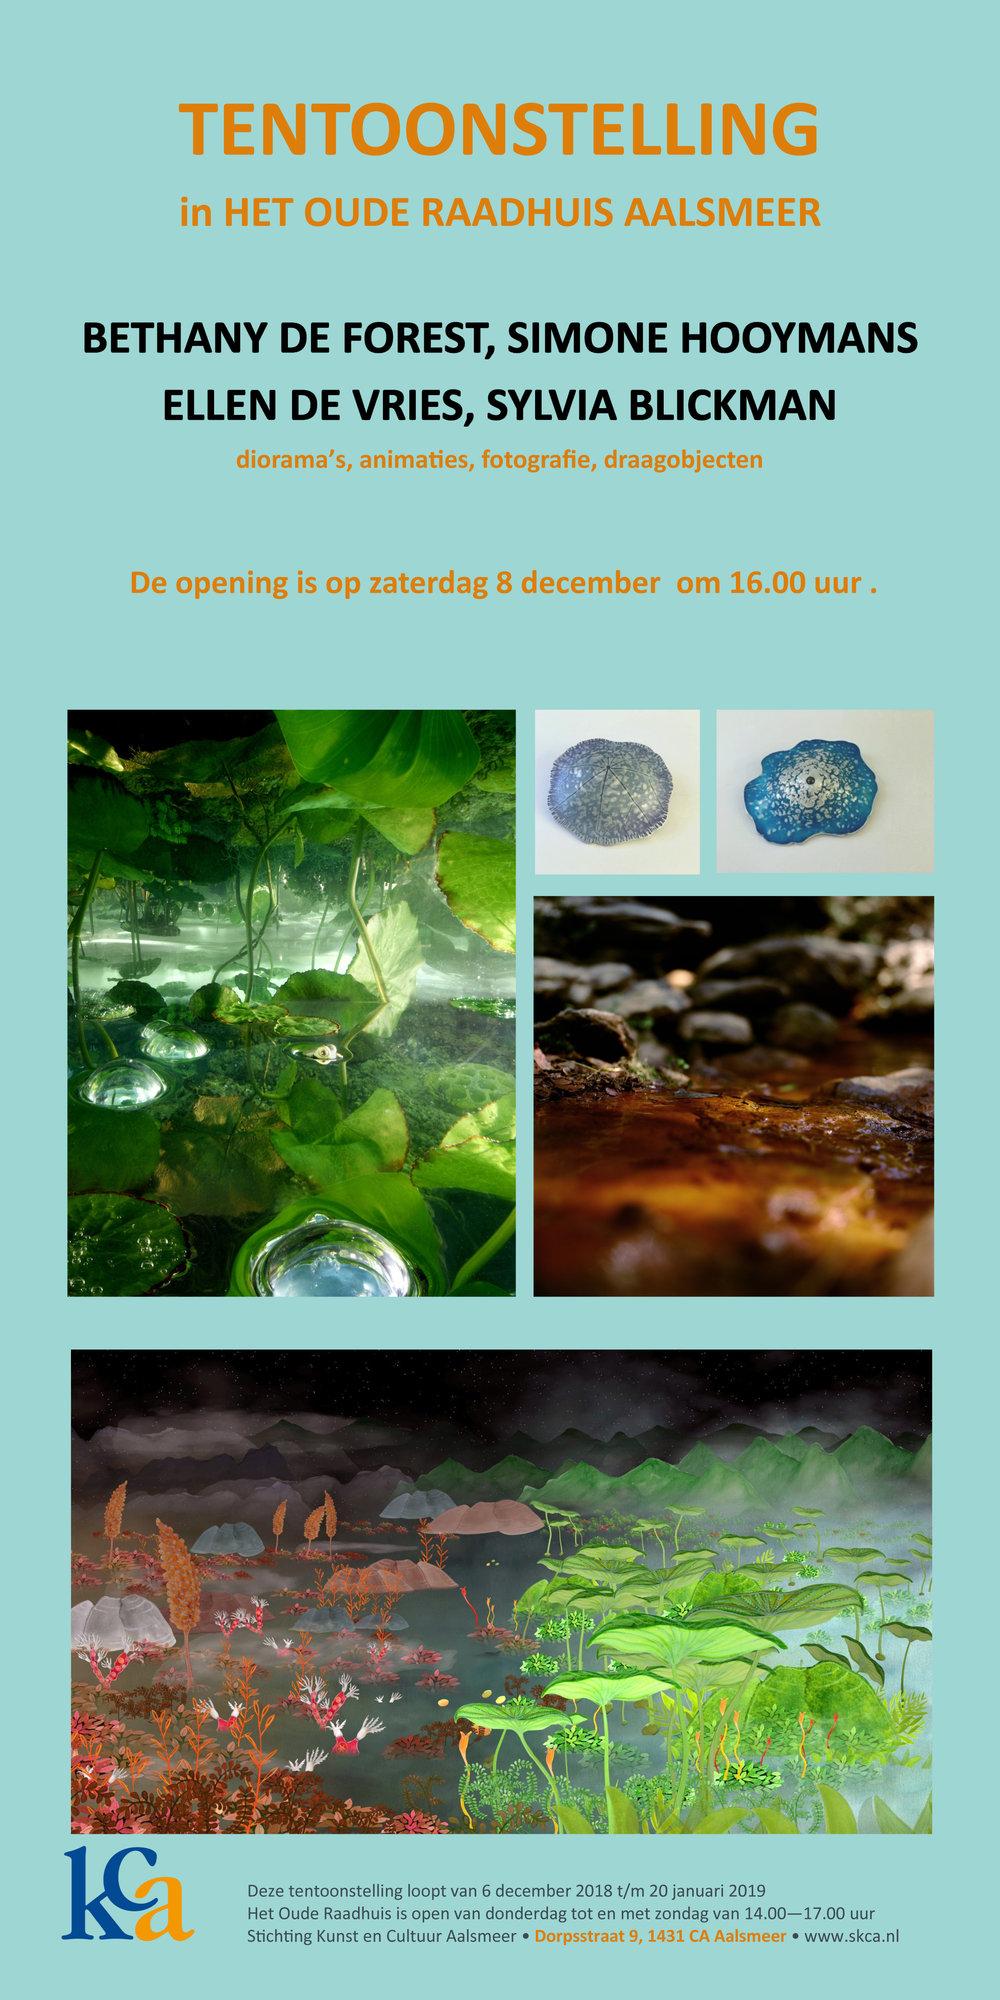 Bethany De Forest uitnodiging versie 2.jpg